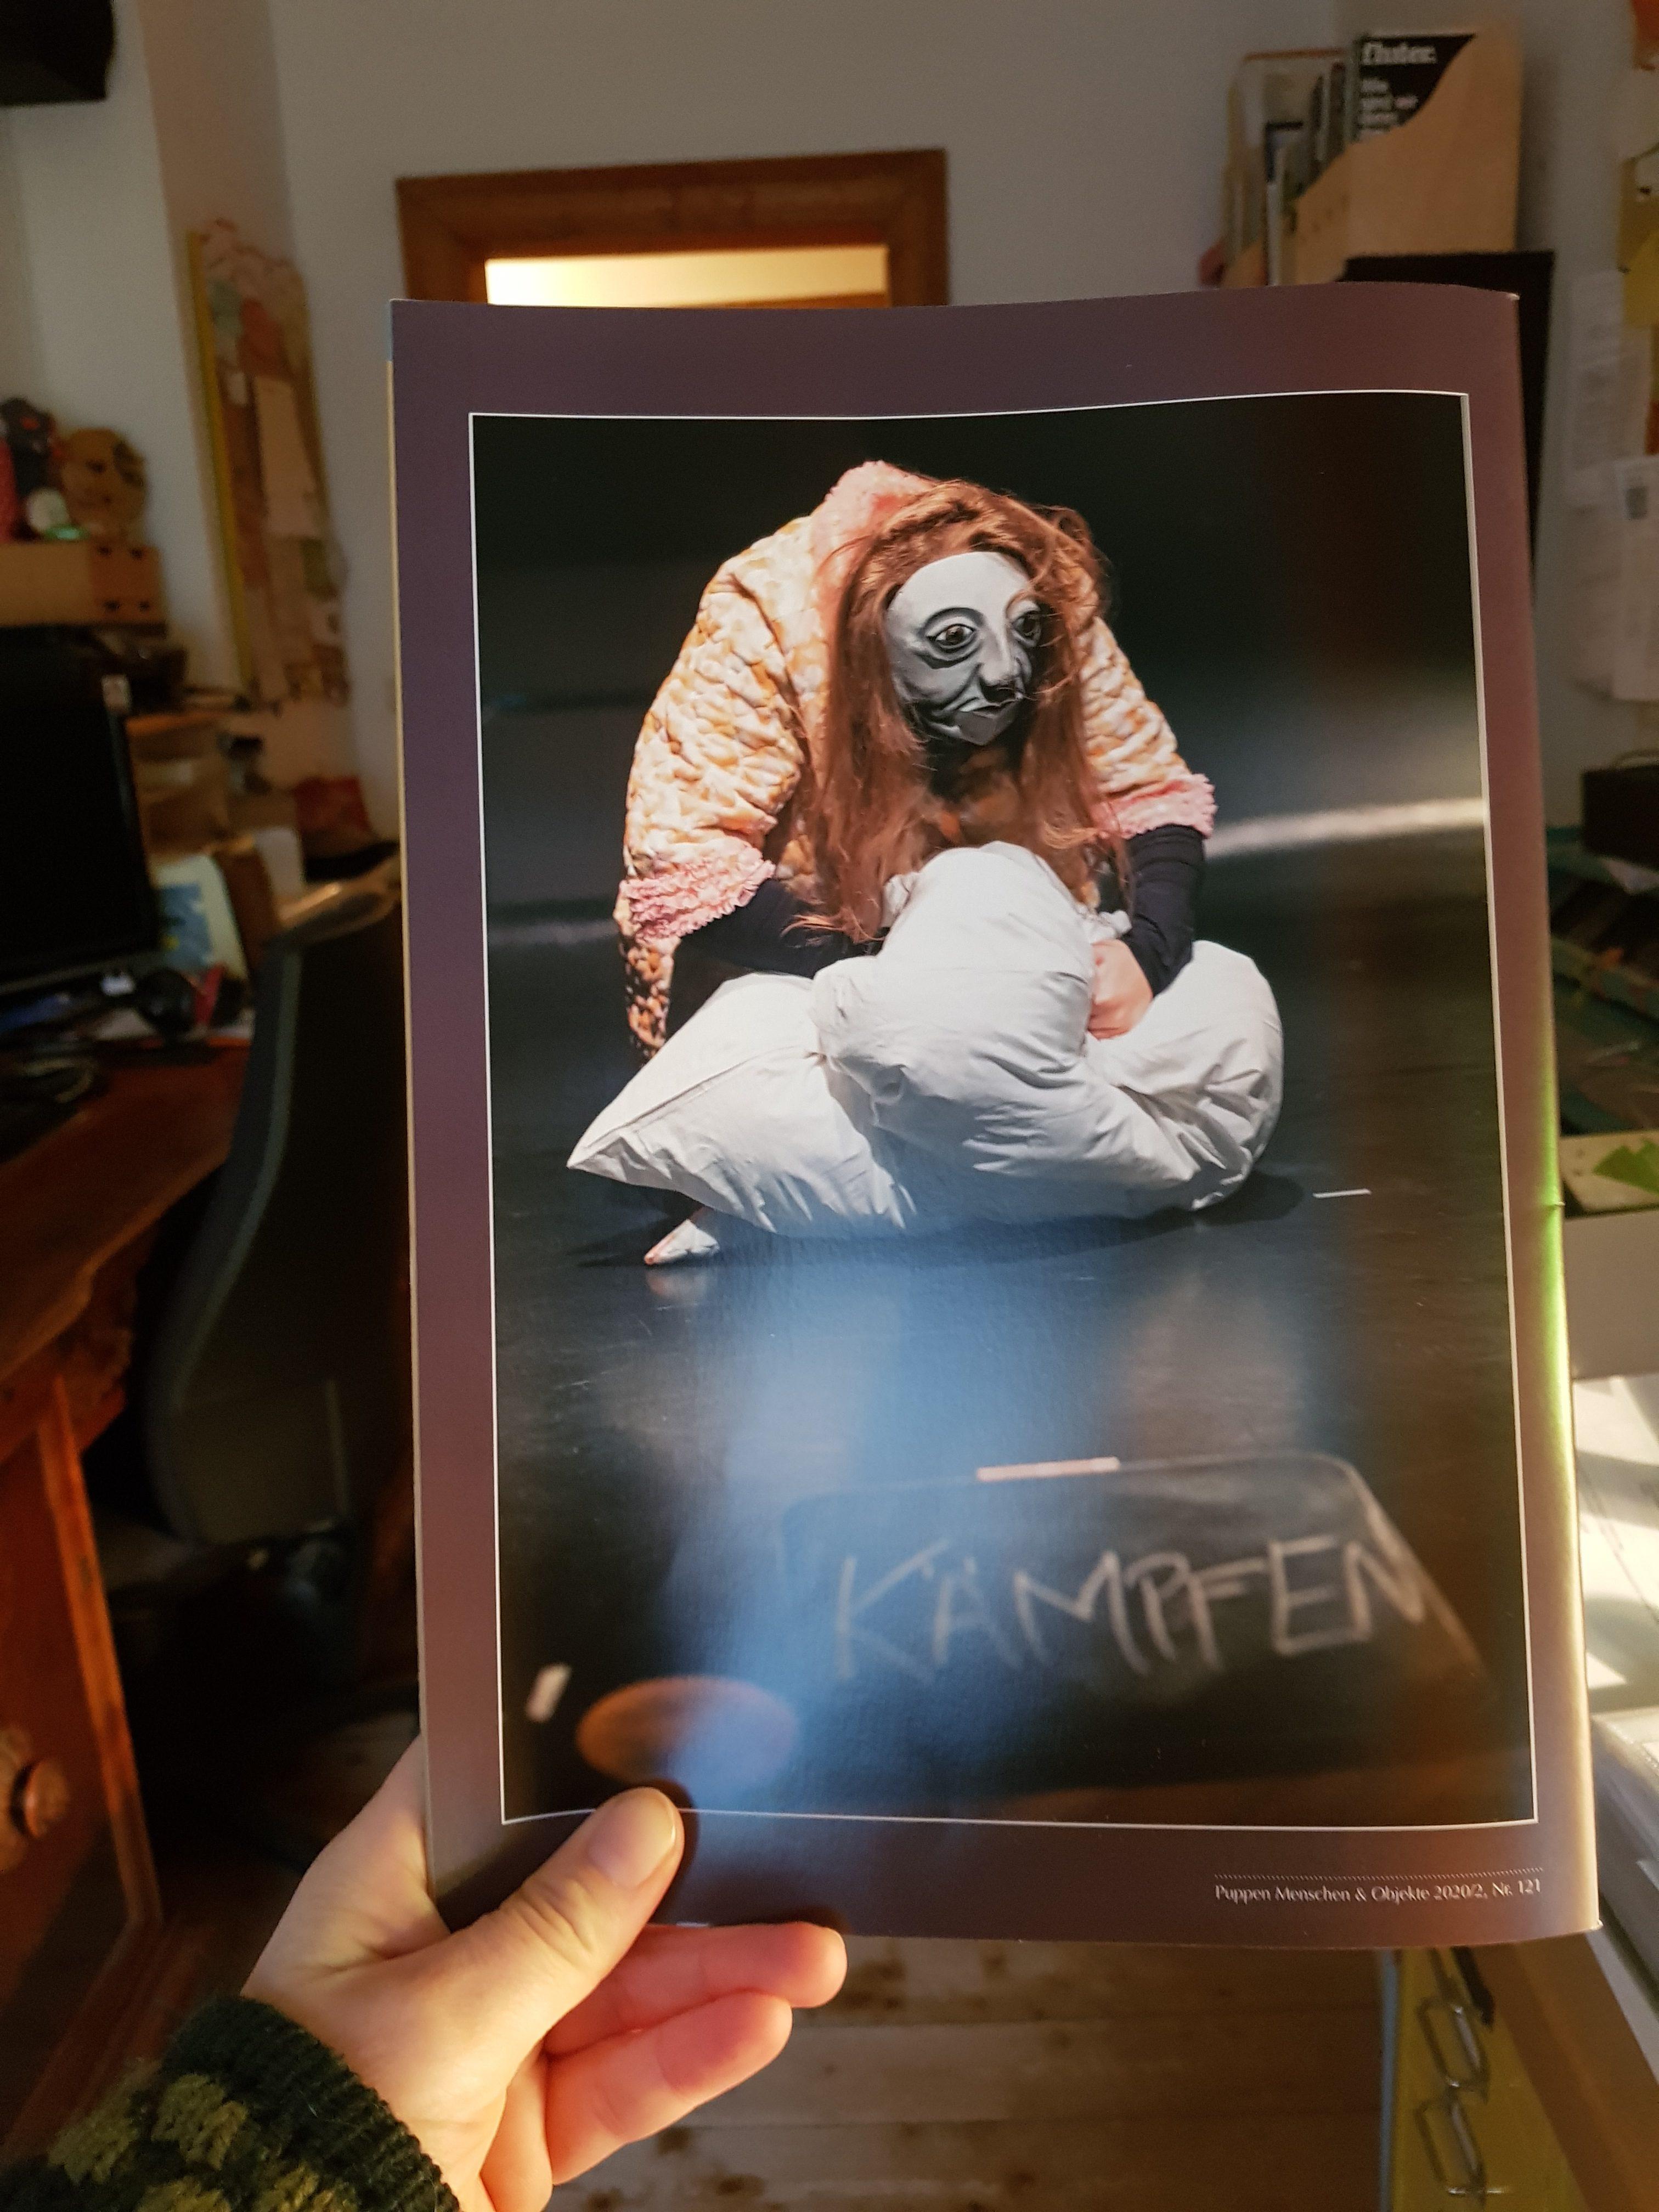 Rückseite der Theaterzeitschrift 'Puppen Menschen & Objekte', Ausgabe Nr. 121 (2020/2), Szenenfoto von 'Der schwarze Hund' von Fotographin Julia Fenske